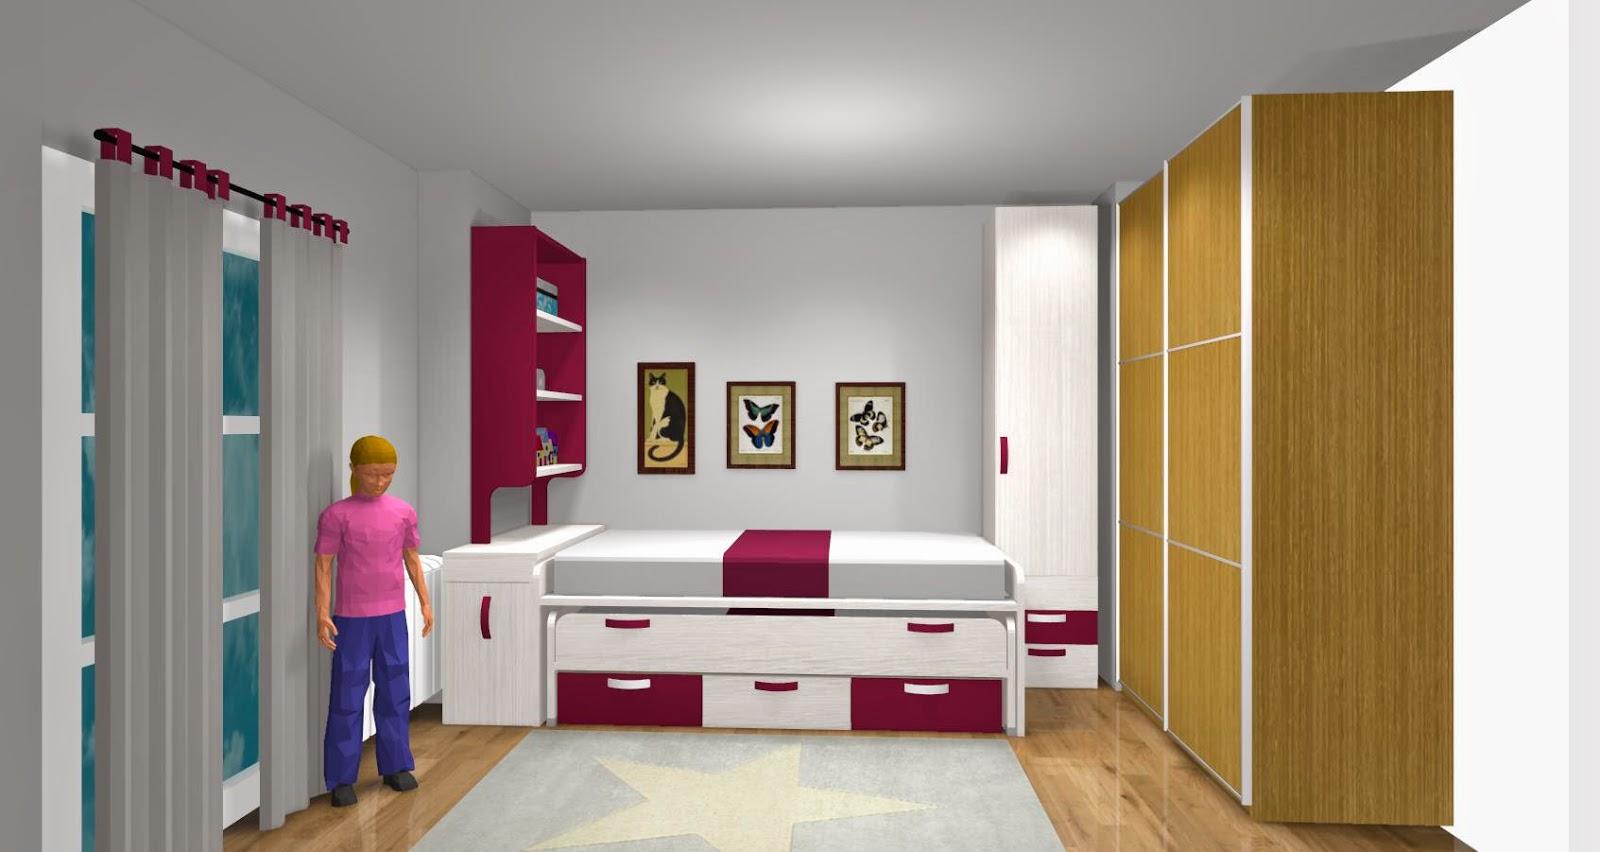 Amueblar habitacion en xikara for Papel pintado para dormitorio juvenil